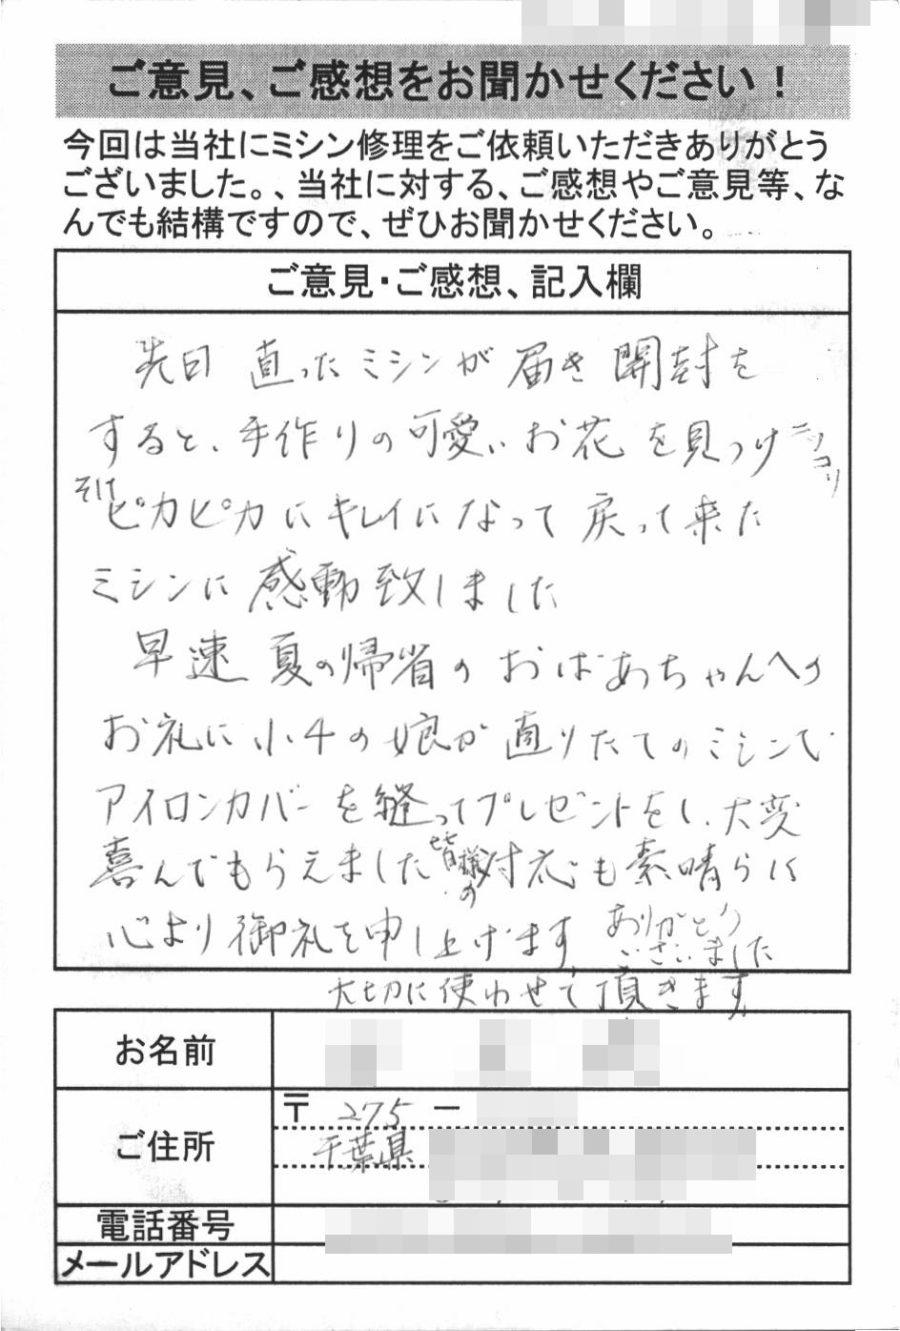 千葉県からミシン修理のお客様の声